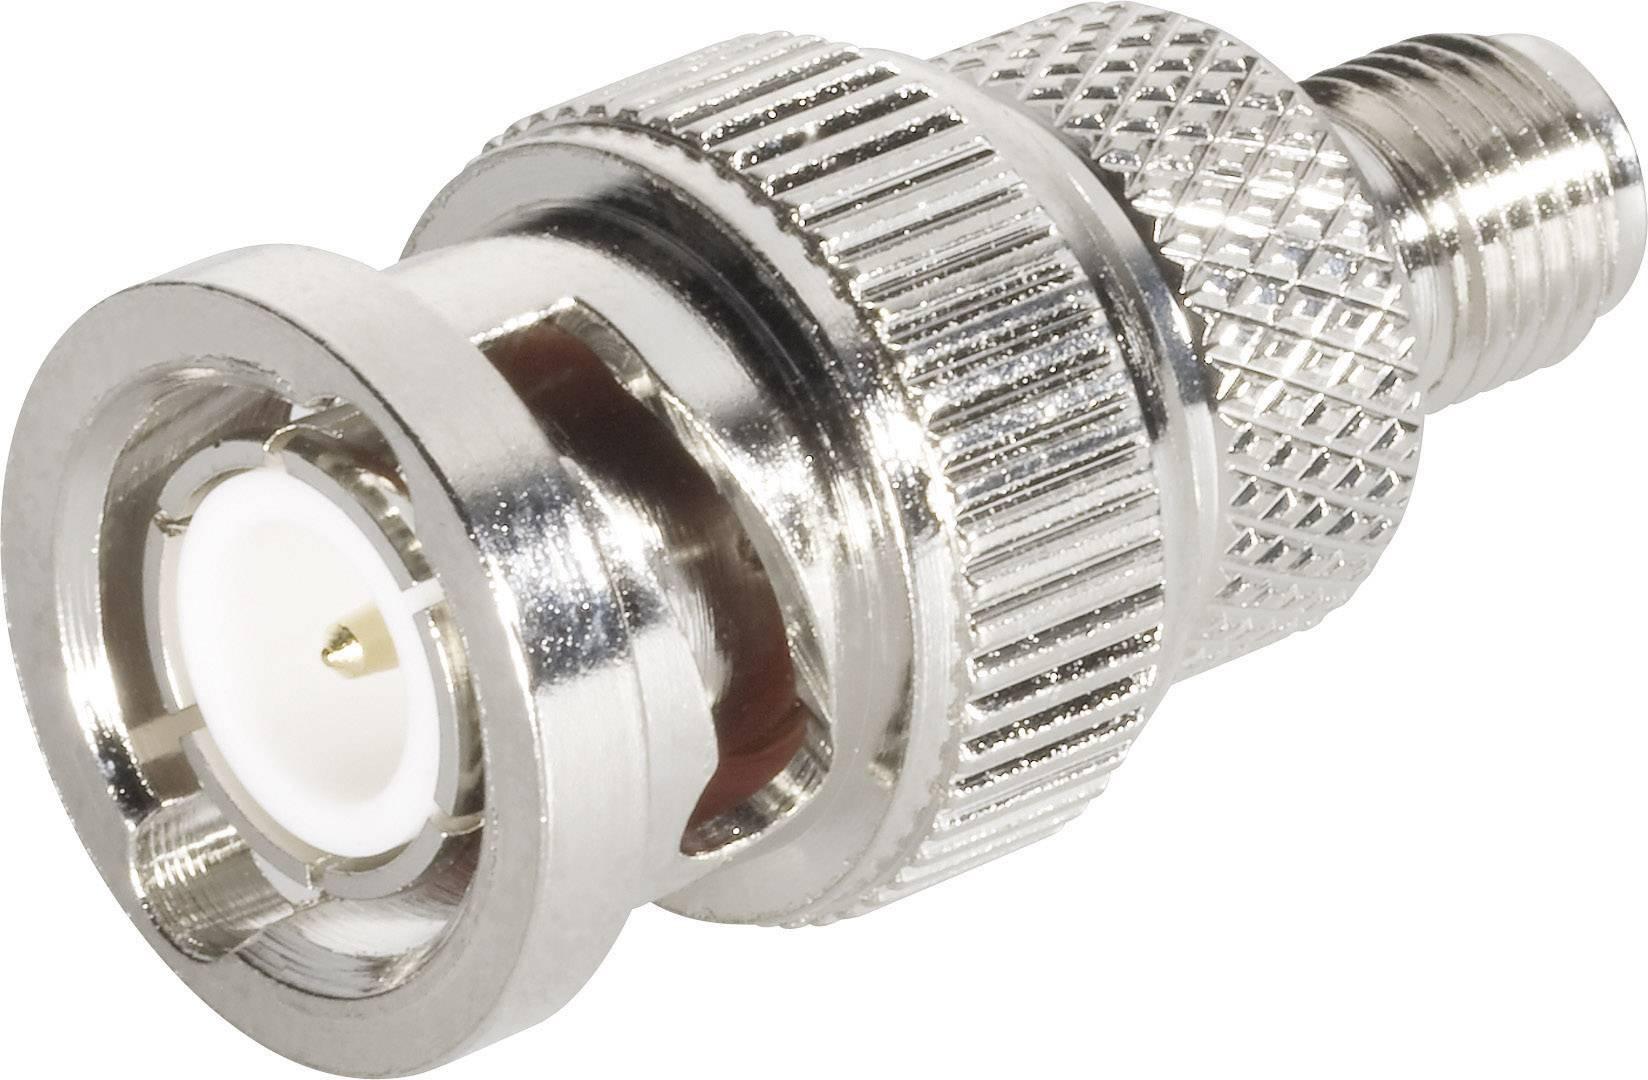 SMA zásuvka / BNC zástrčka BKL Electronic 409042, 50 Ω, 5000 MΩ, adaptér rovný